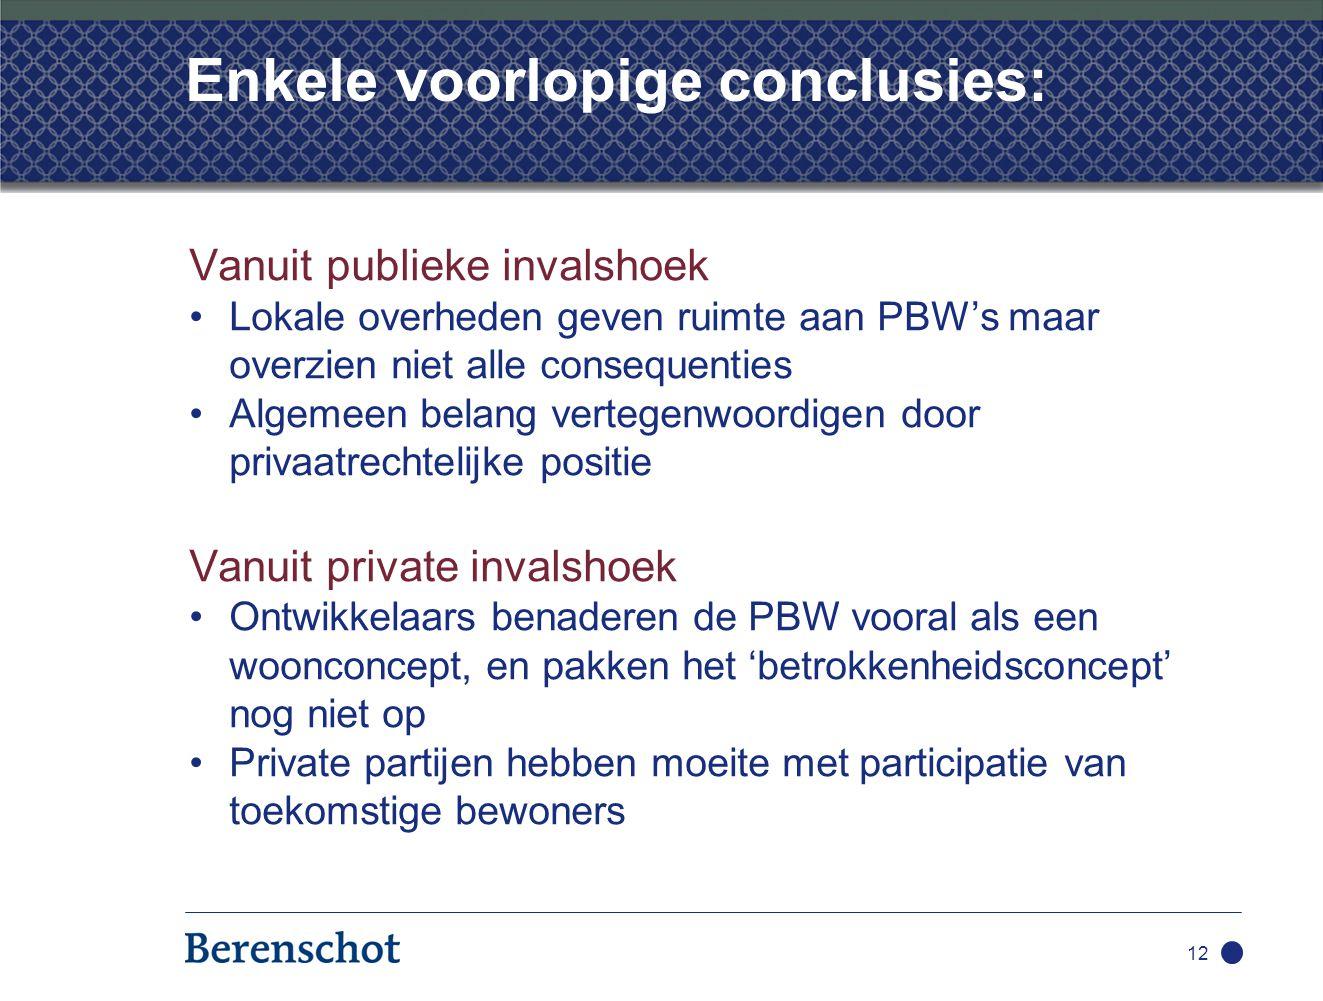 Enkele voorlopige conclusies: Vanuit publieke invalshoek Lokale overheden geven ruimte aan PBW's maar overzien niet alle consequenties Algemeen belang